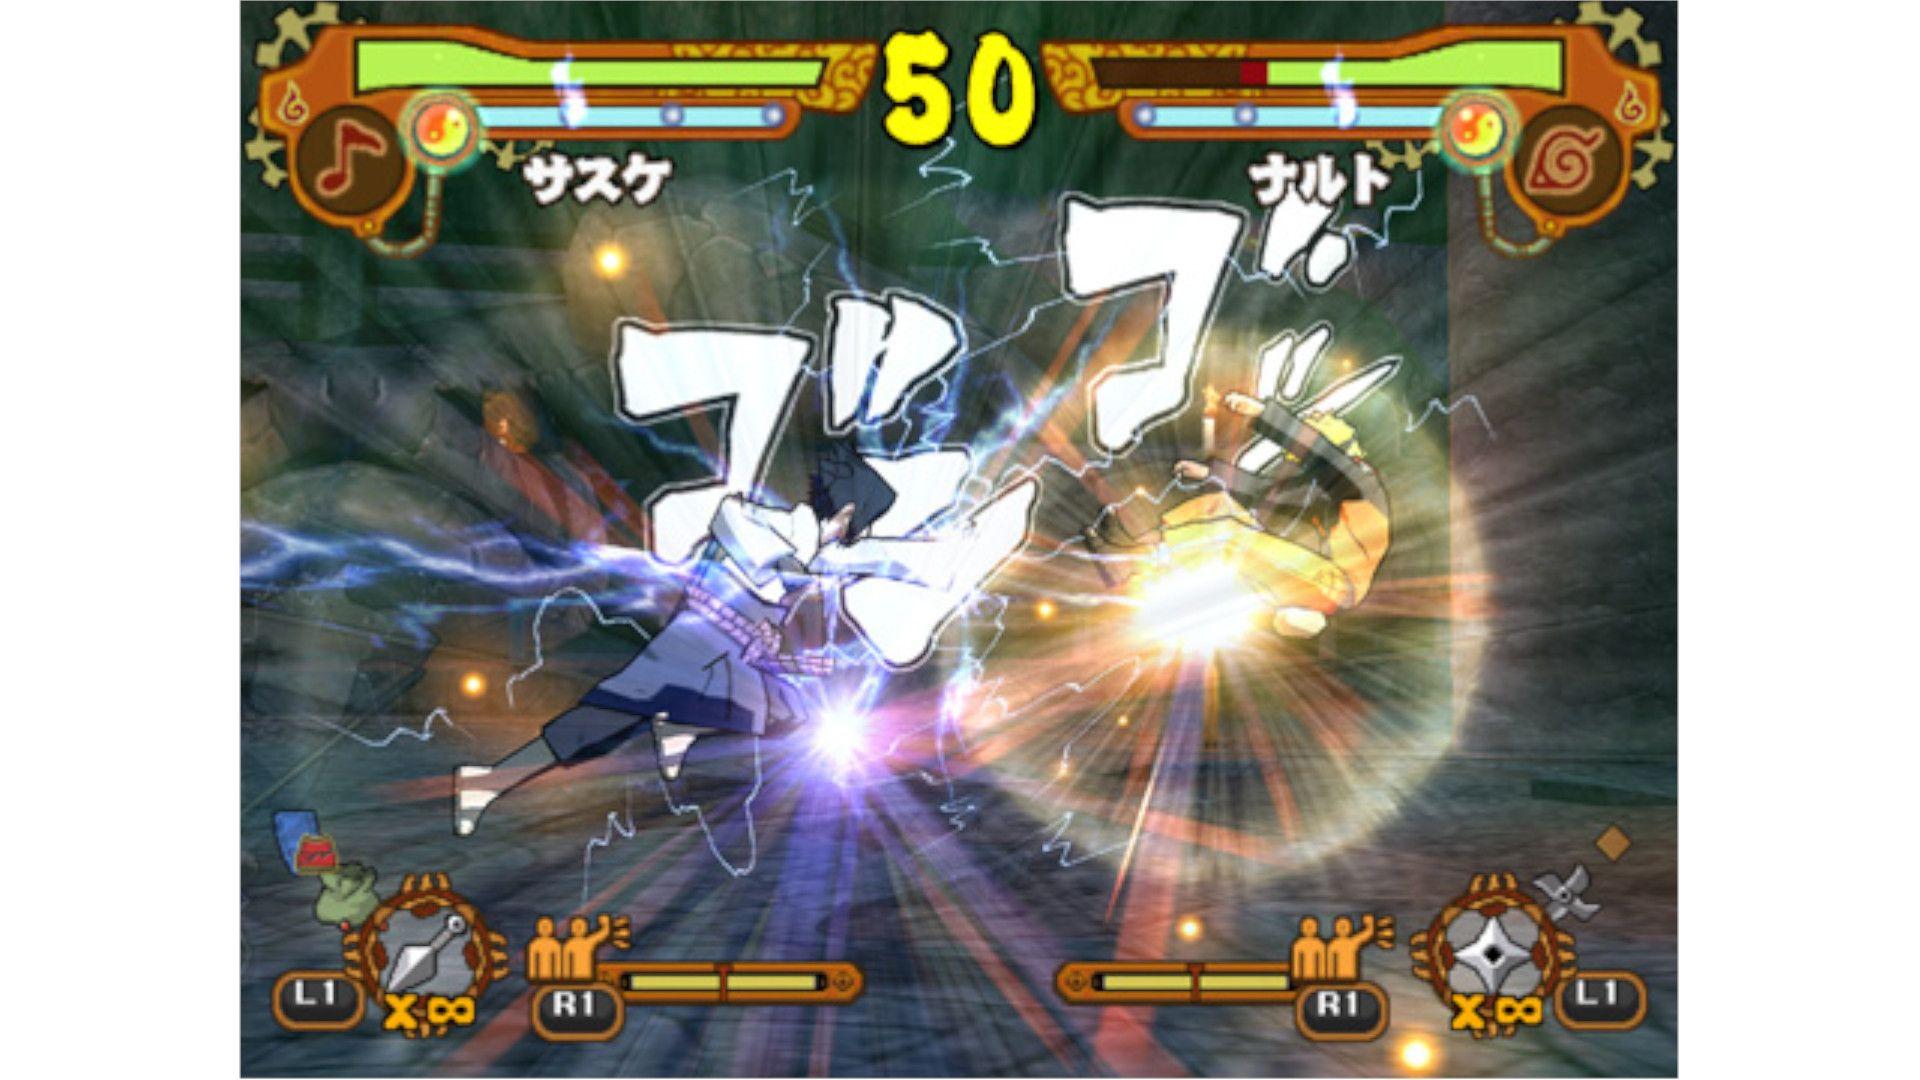 Naruto Shippuden: Ultimate Ninja 5 é o jogo de PS2 que acompanha a saga do resgate do Kazekage e do reencontro com Sasuke (Foto: Divulgação/PlayStation)